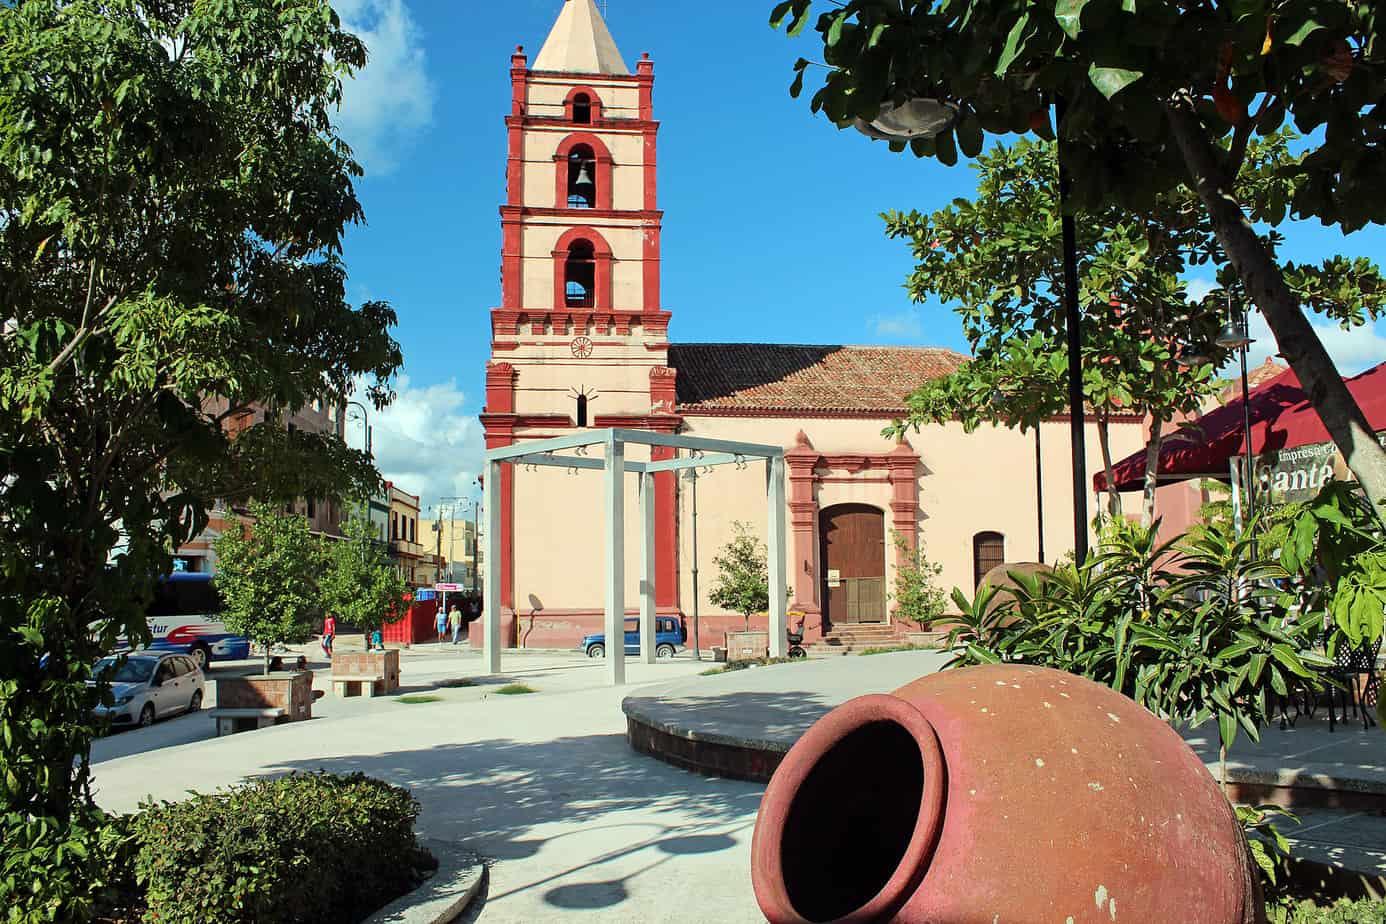 La peculiar y curiosa historia de la Plaza de la Soledad de Camagüey